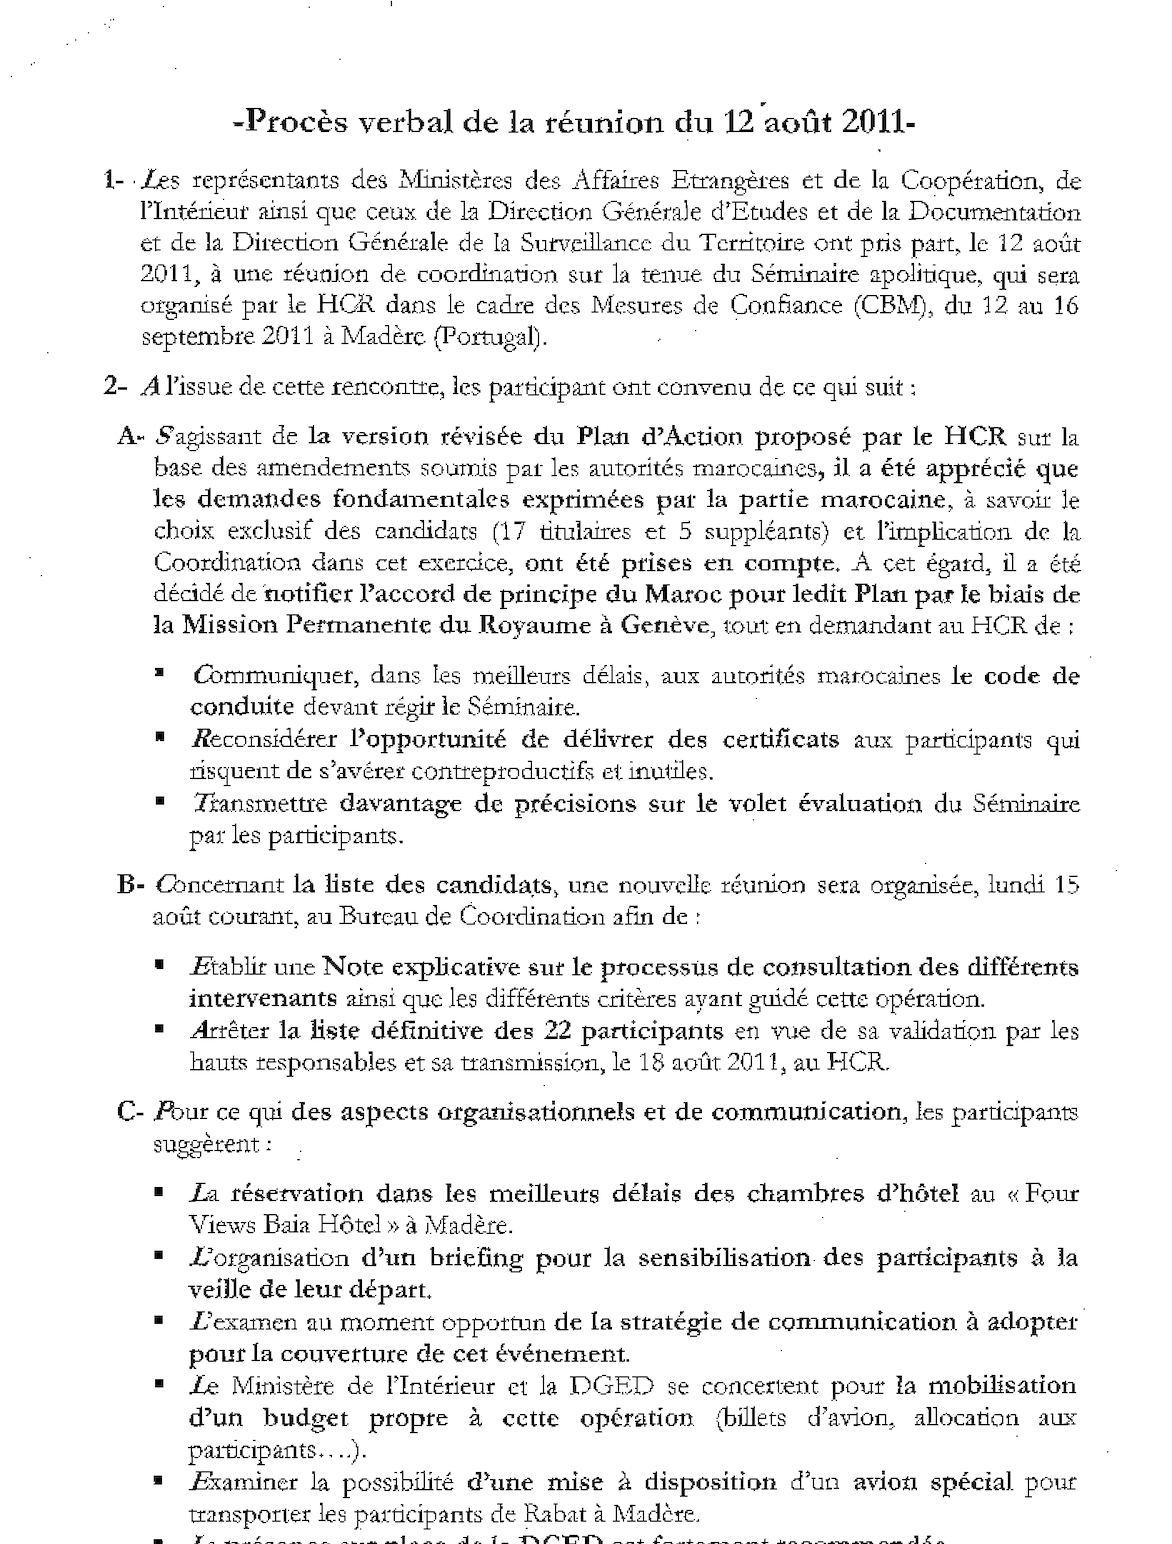 Procès Verbal De La Réunion Du 12 Aout 2011